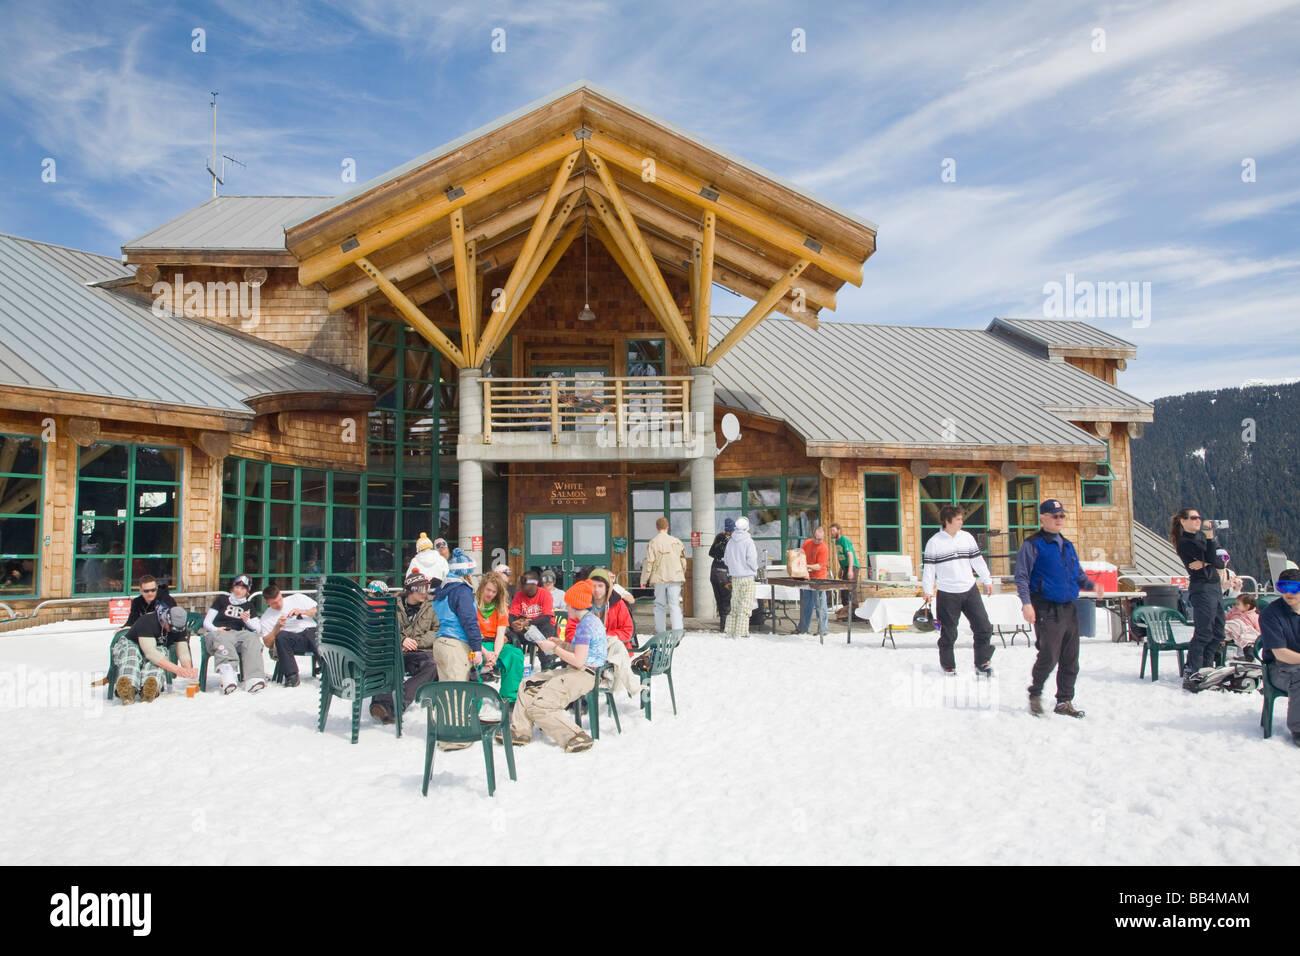 Exceptionnel WA, Mount Baker Ski Area, White Salmon Lodge, Snow Boarders ...